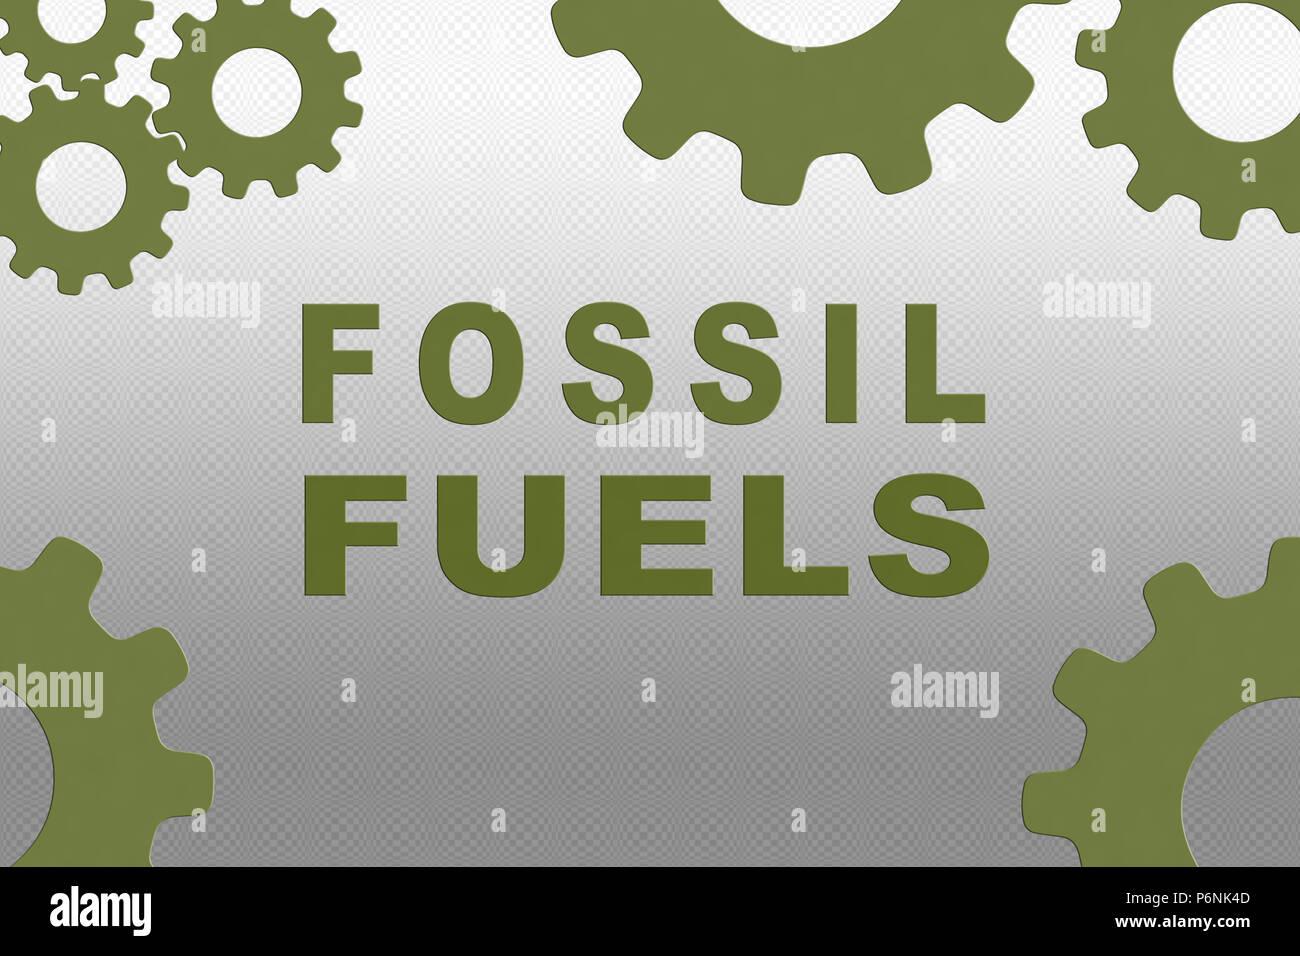 Combustibles fossiles inscription concept illustration avec roue dentée vert chiffres sur fond dégradé gris Photo Stock